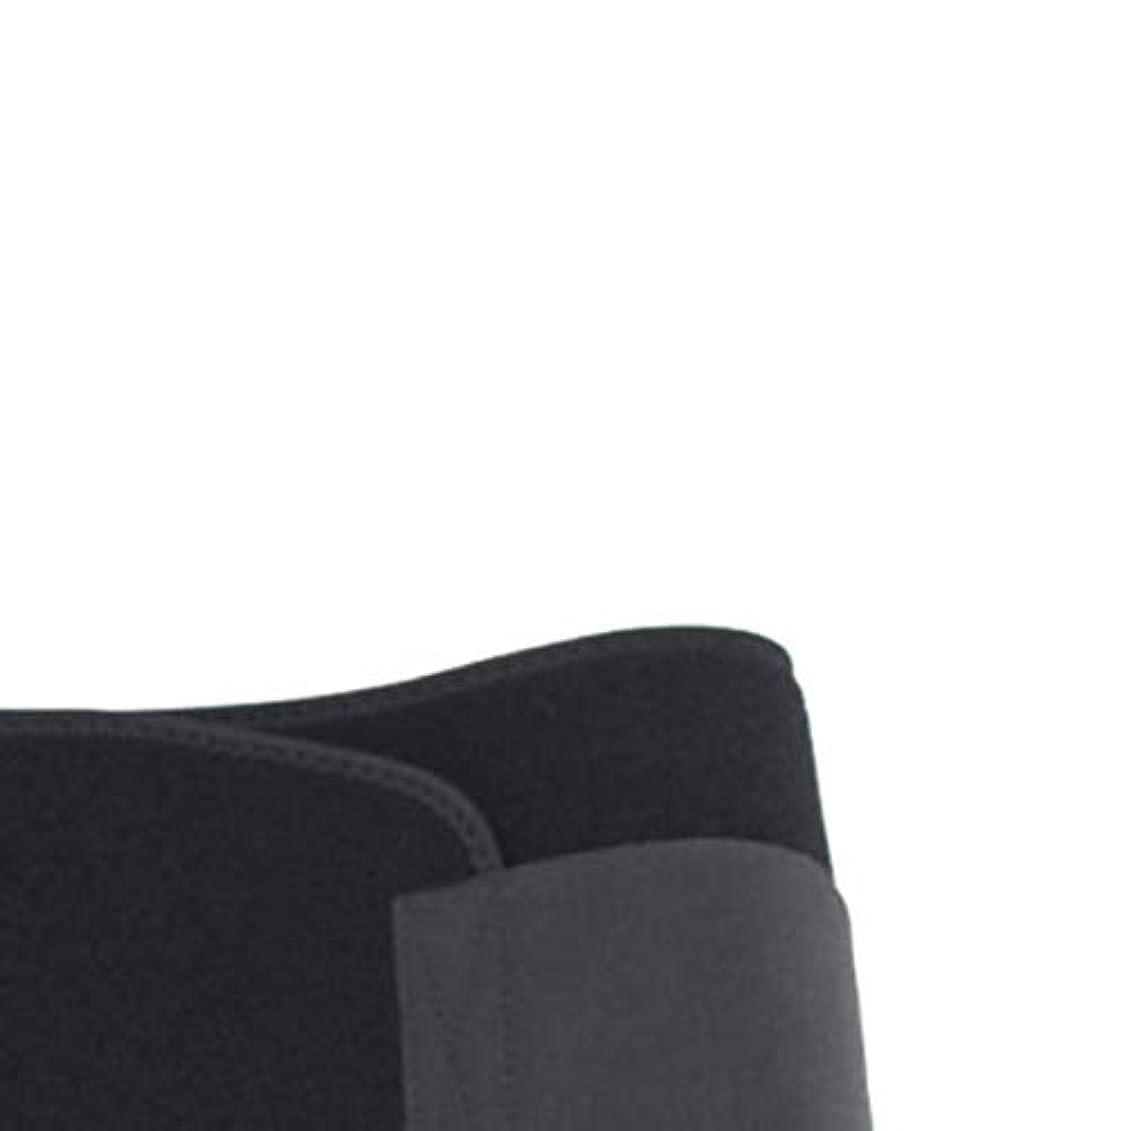 予想する違法帽子男性女性ウエストおなかスポーツボディシェイパーバンドベルトラップファットバーンスリミングエクササイズ用品ボディシェイピング(黒)